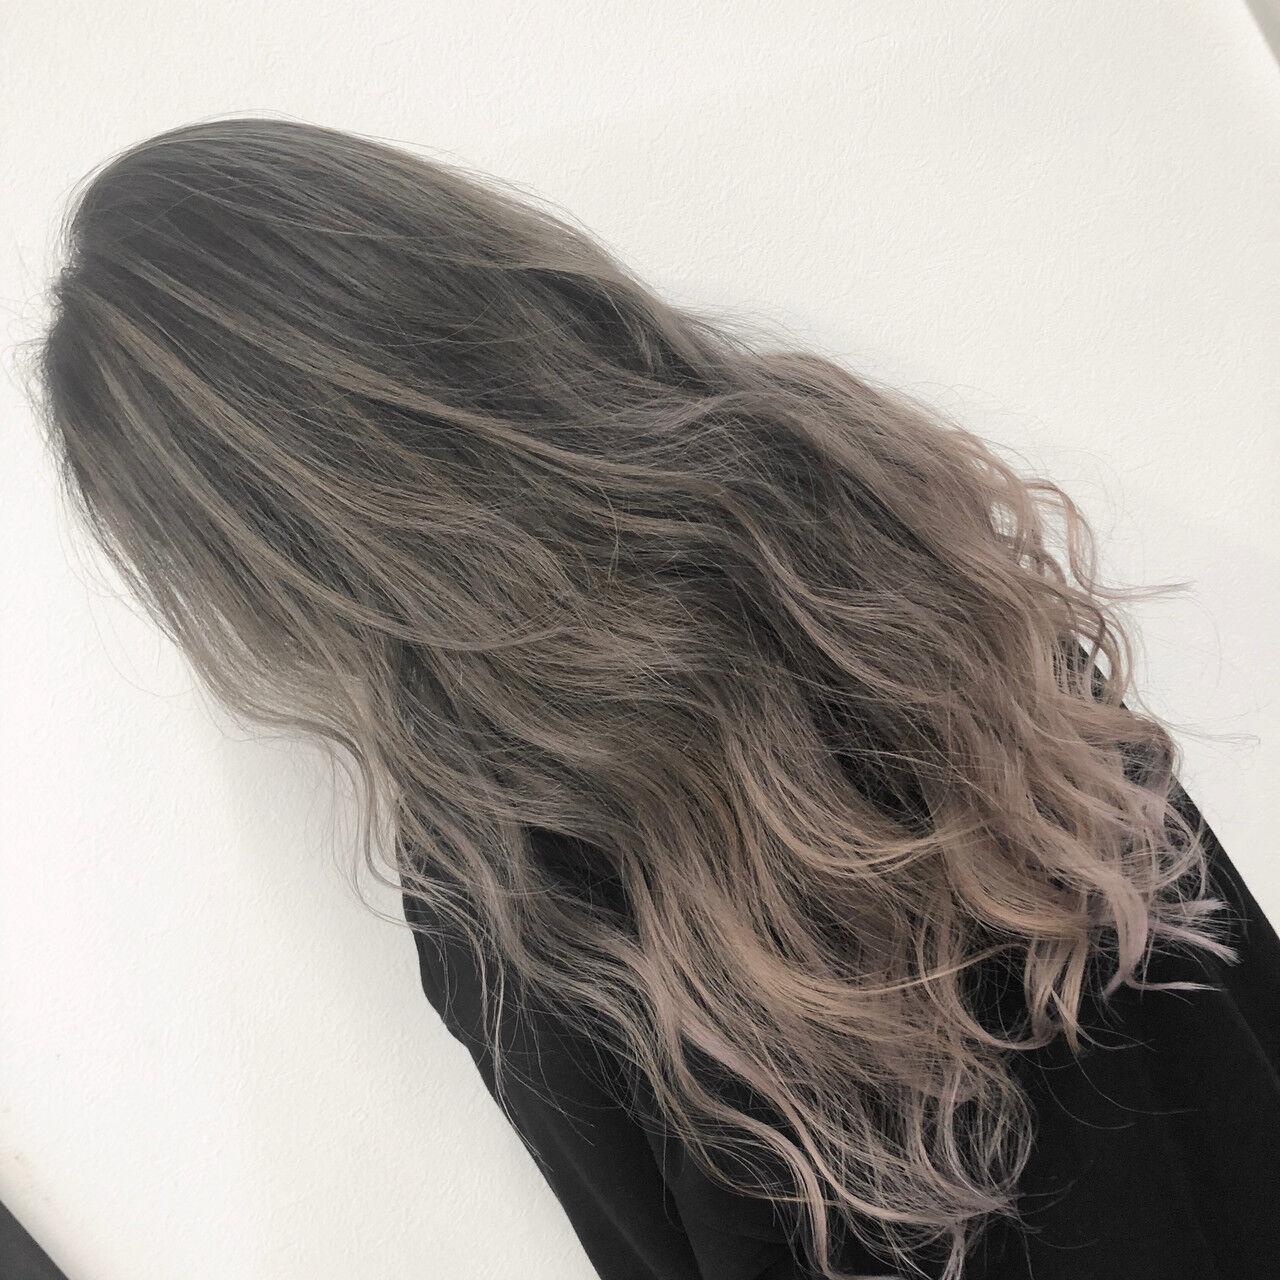 バレイヤージュ シルバーアッシュ ホワイトアッシュ ストリートヘアスタイルや髪型の写真・画像